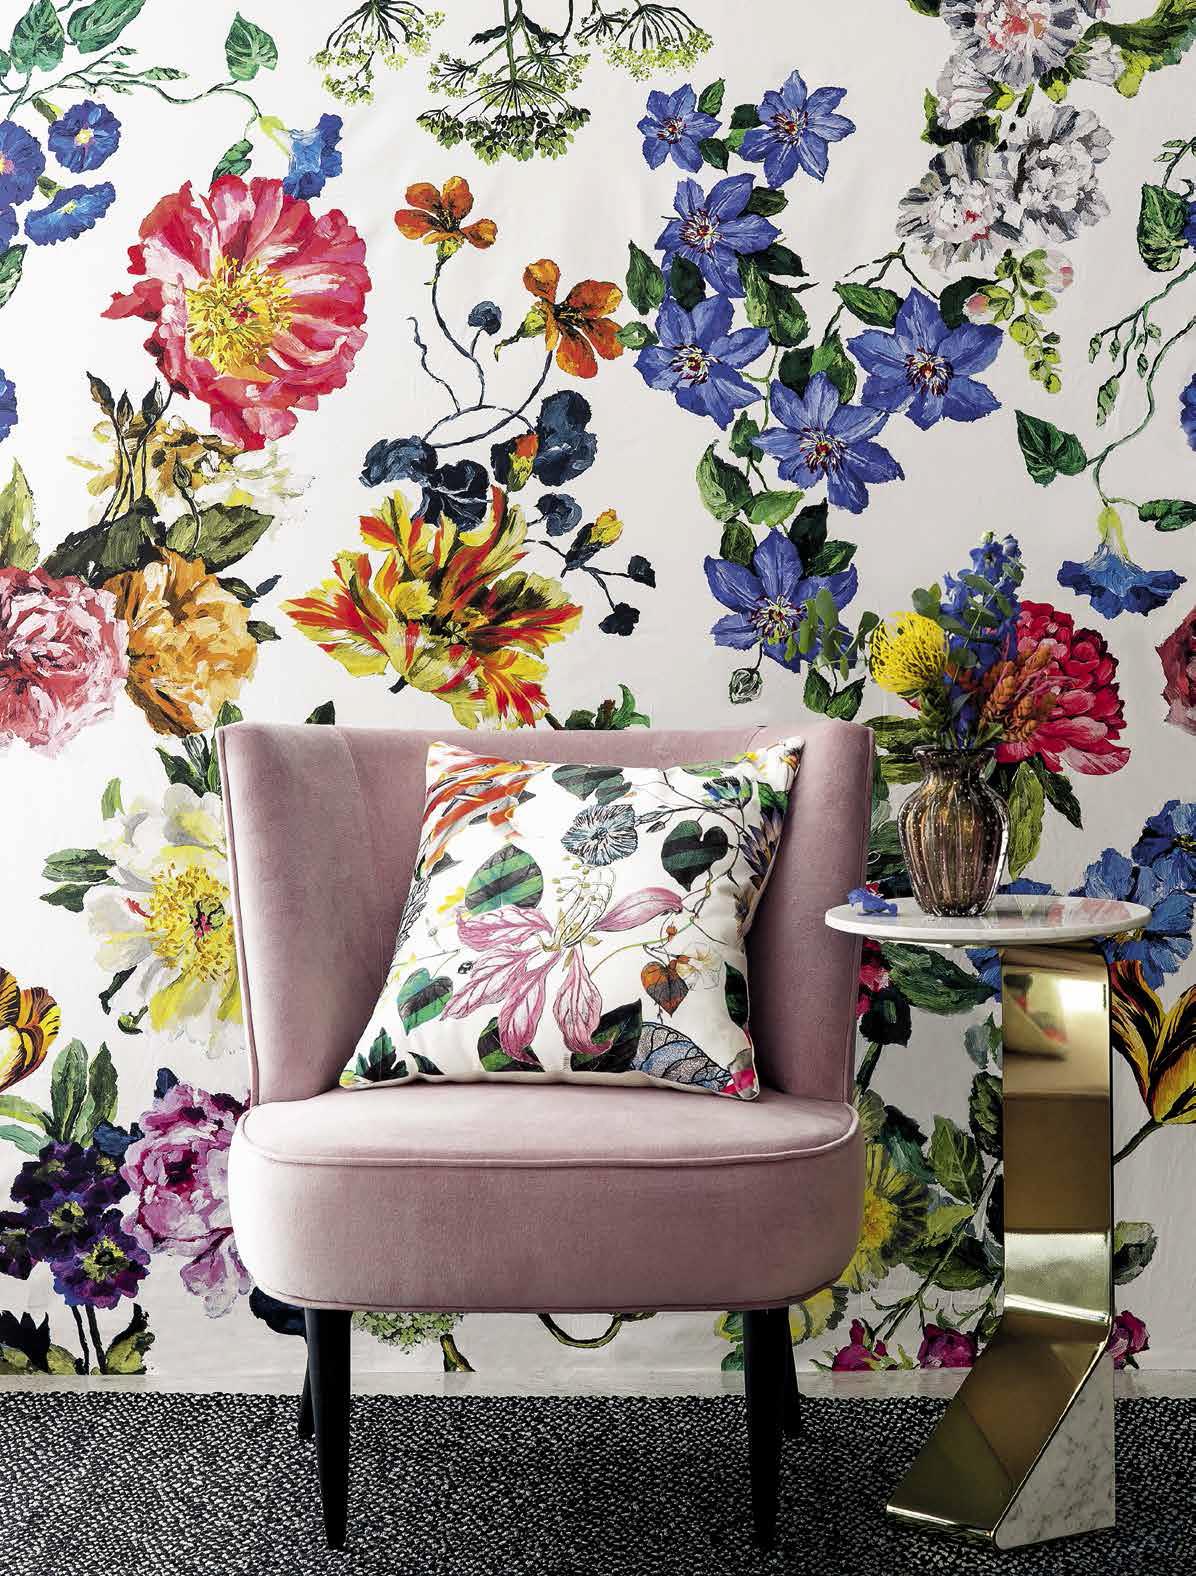 4-estampas-florais-no-decor-para-celebrar-o-verao